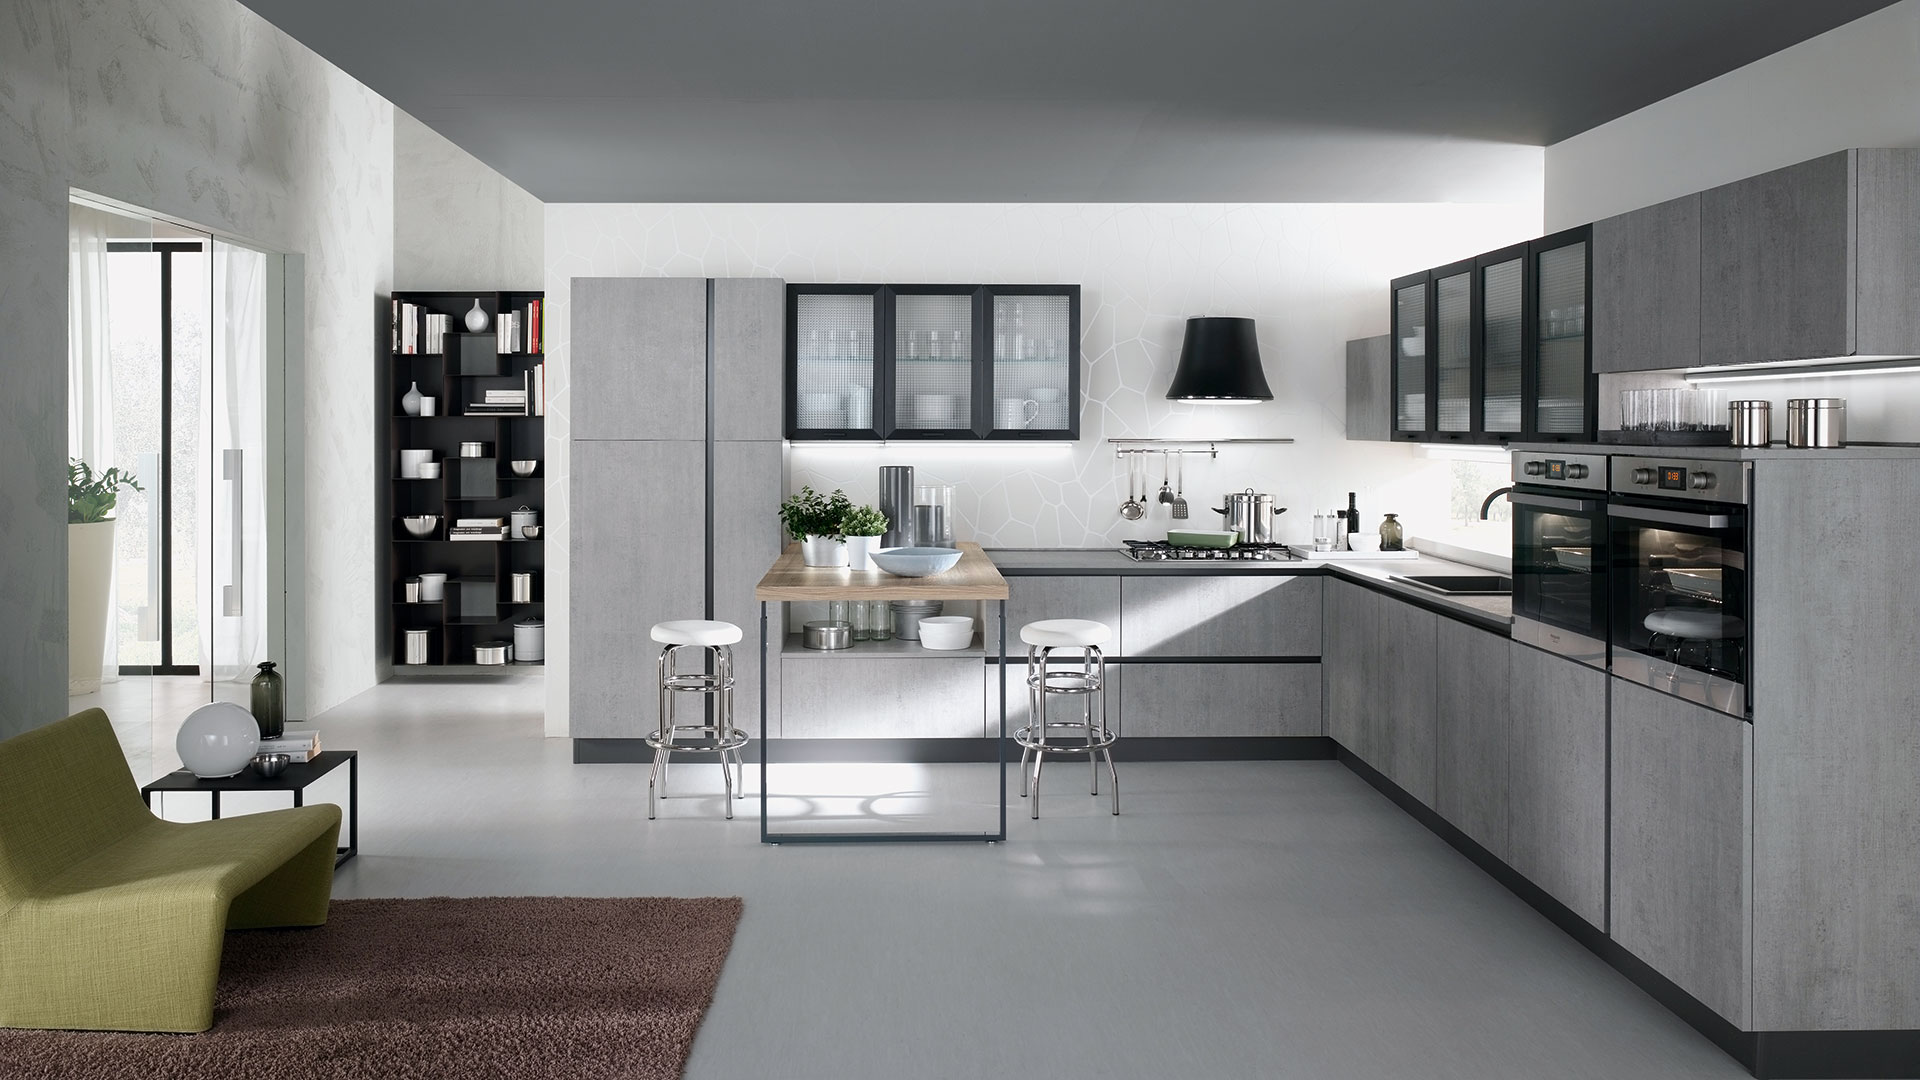 Produttore di cucine moderne evo cucine - Cucine moderne particolari ...